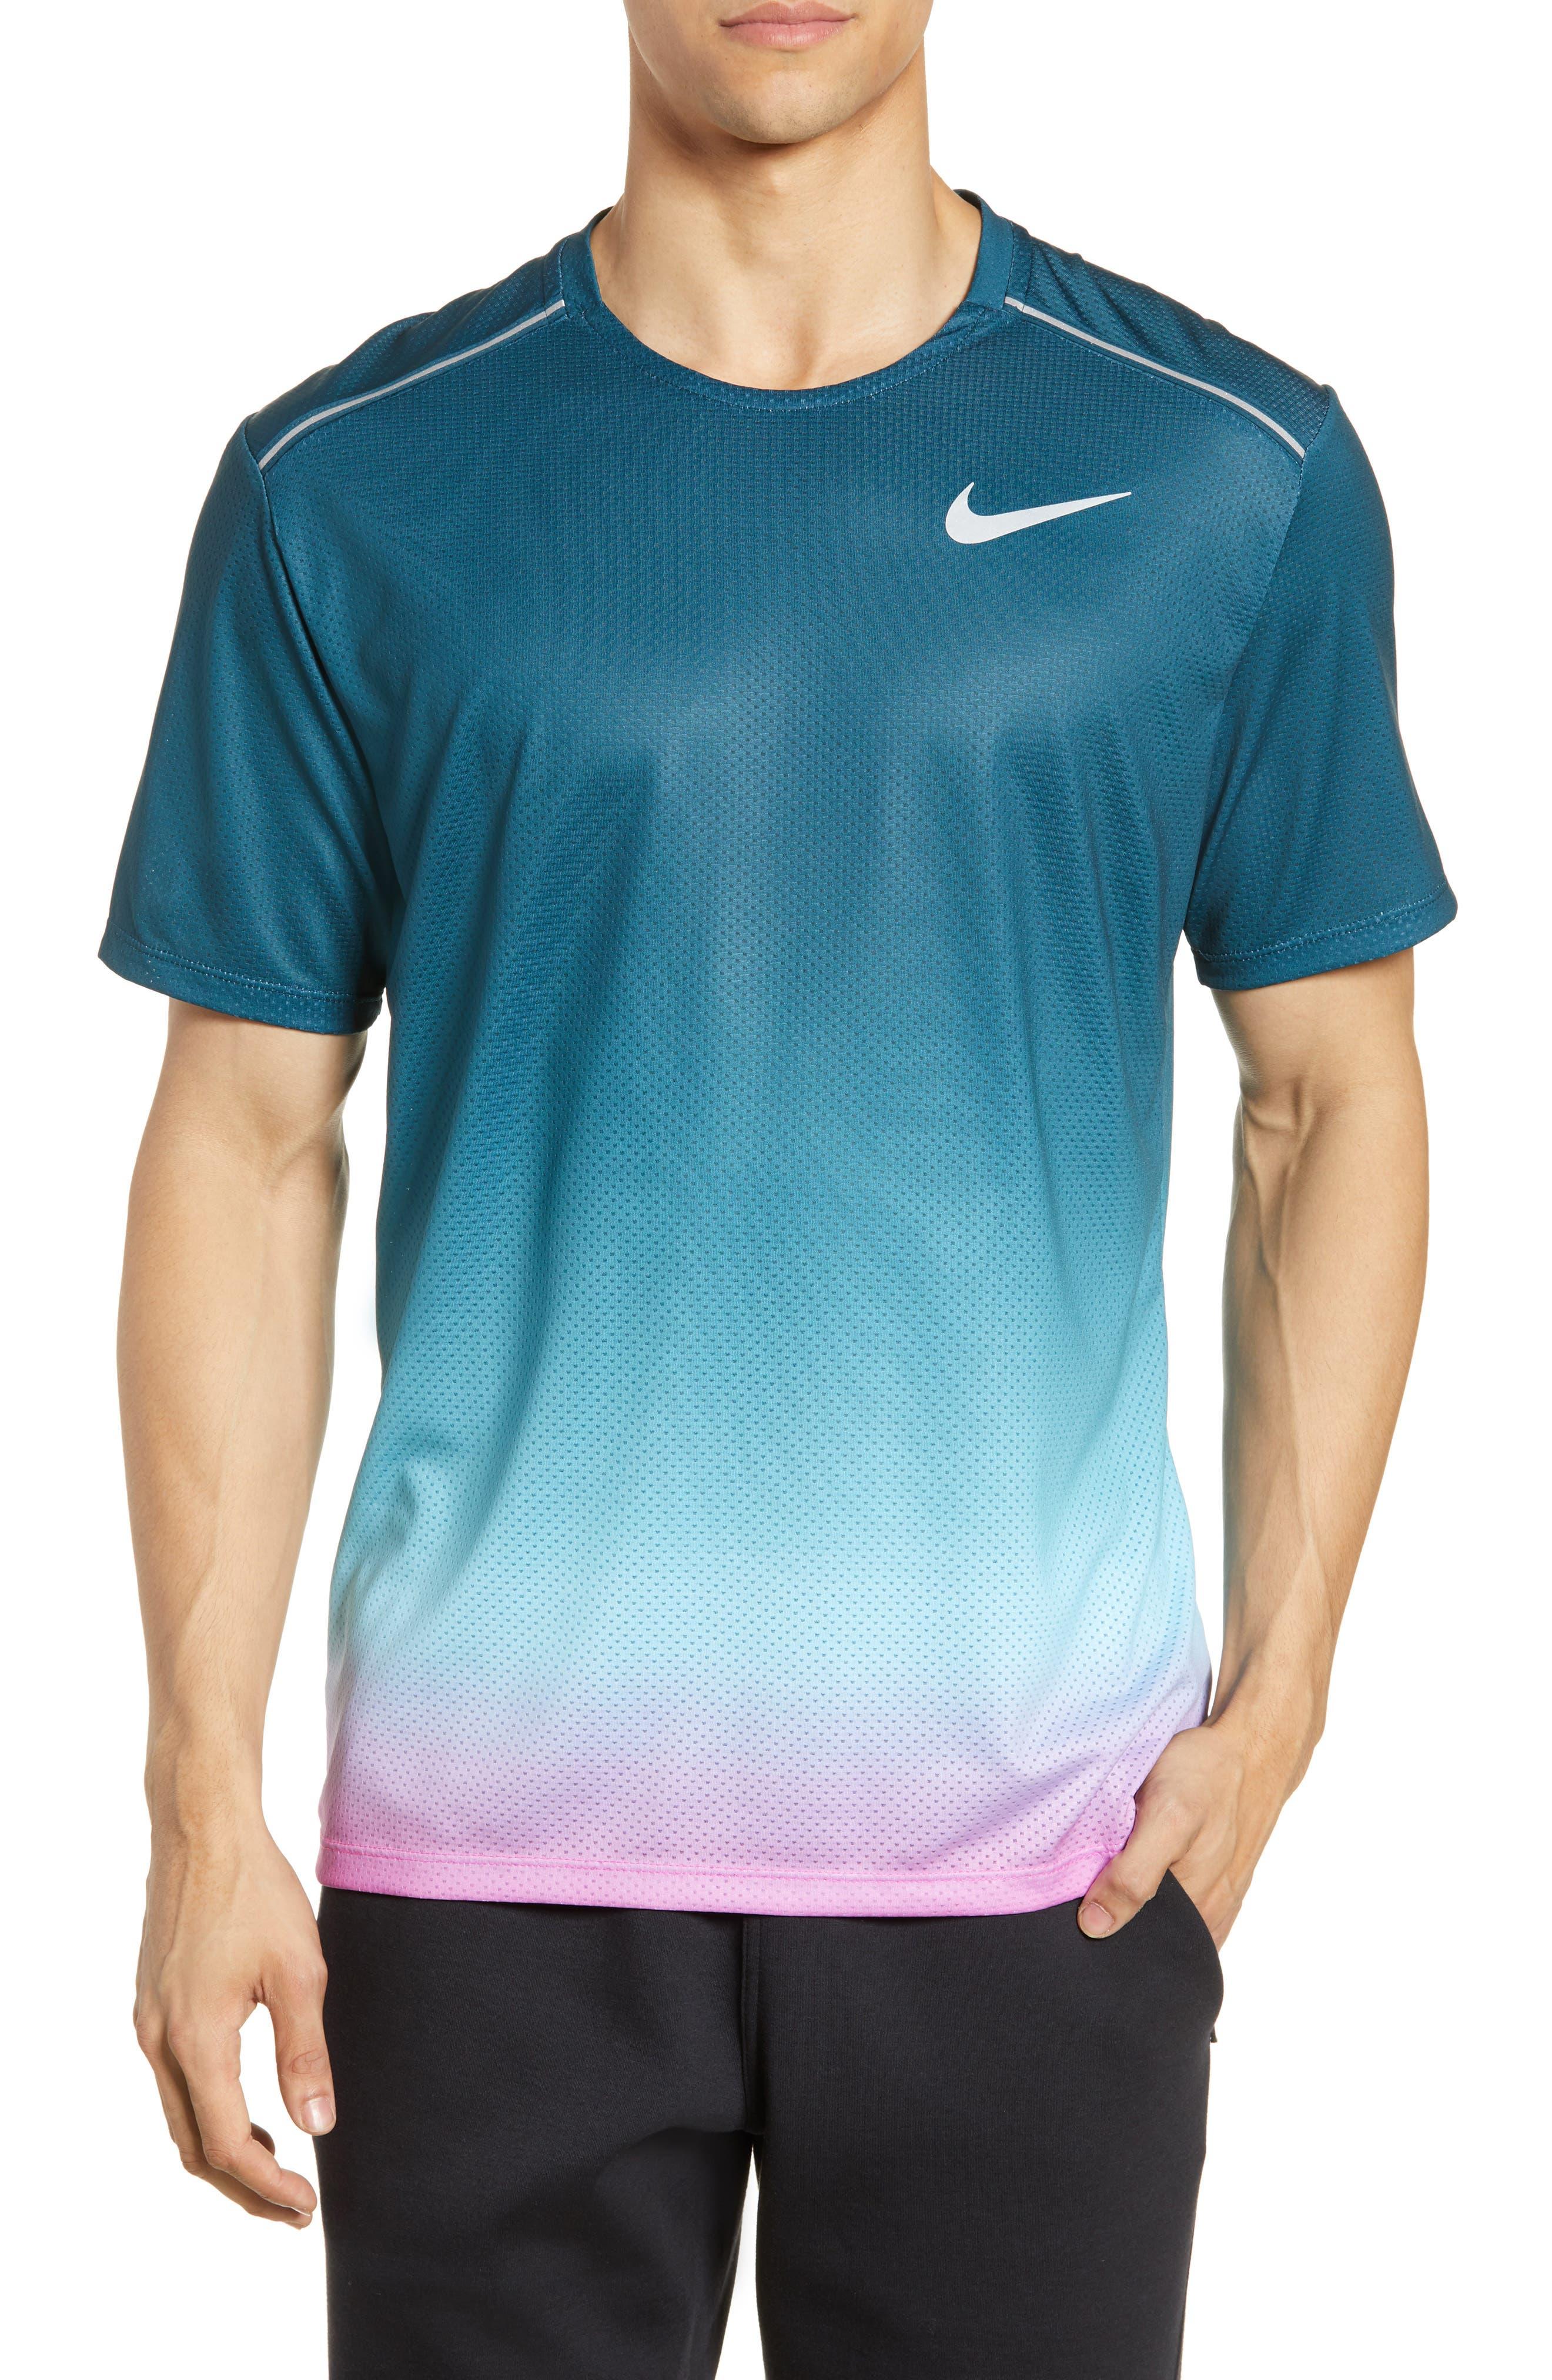 28e087ae Nike Men's T-Shirts, stylish comfort clothing